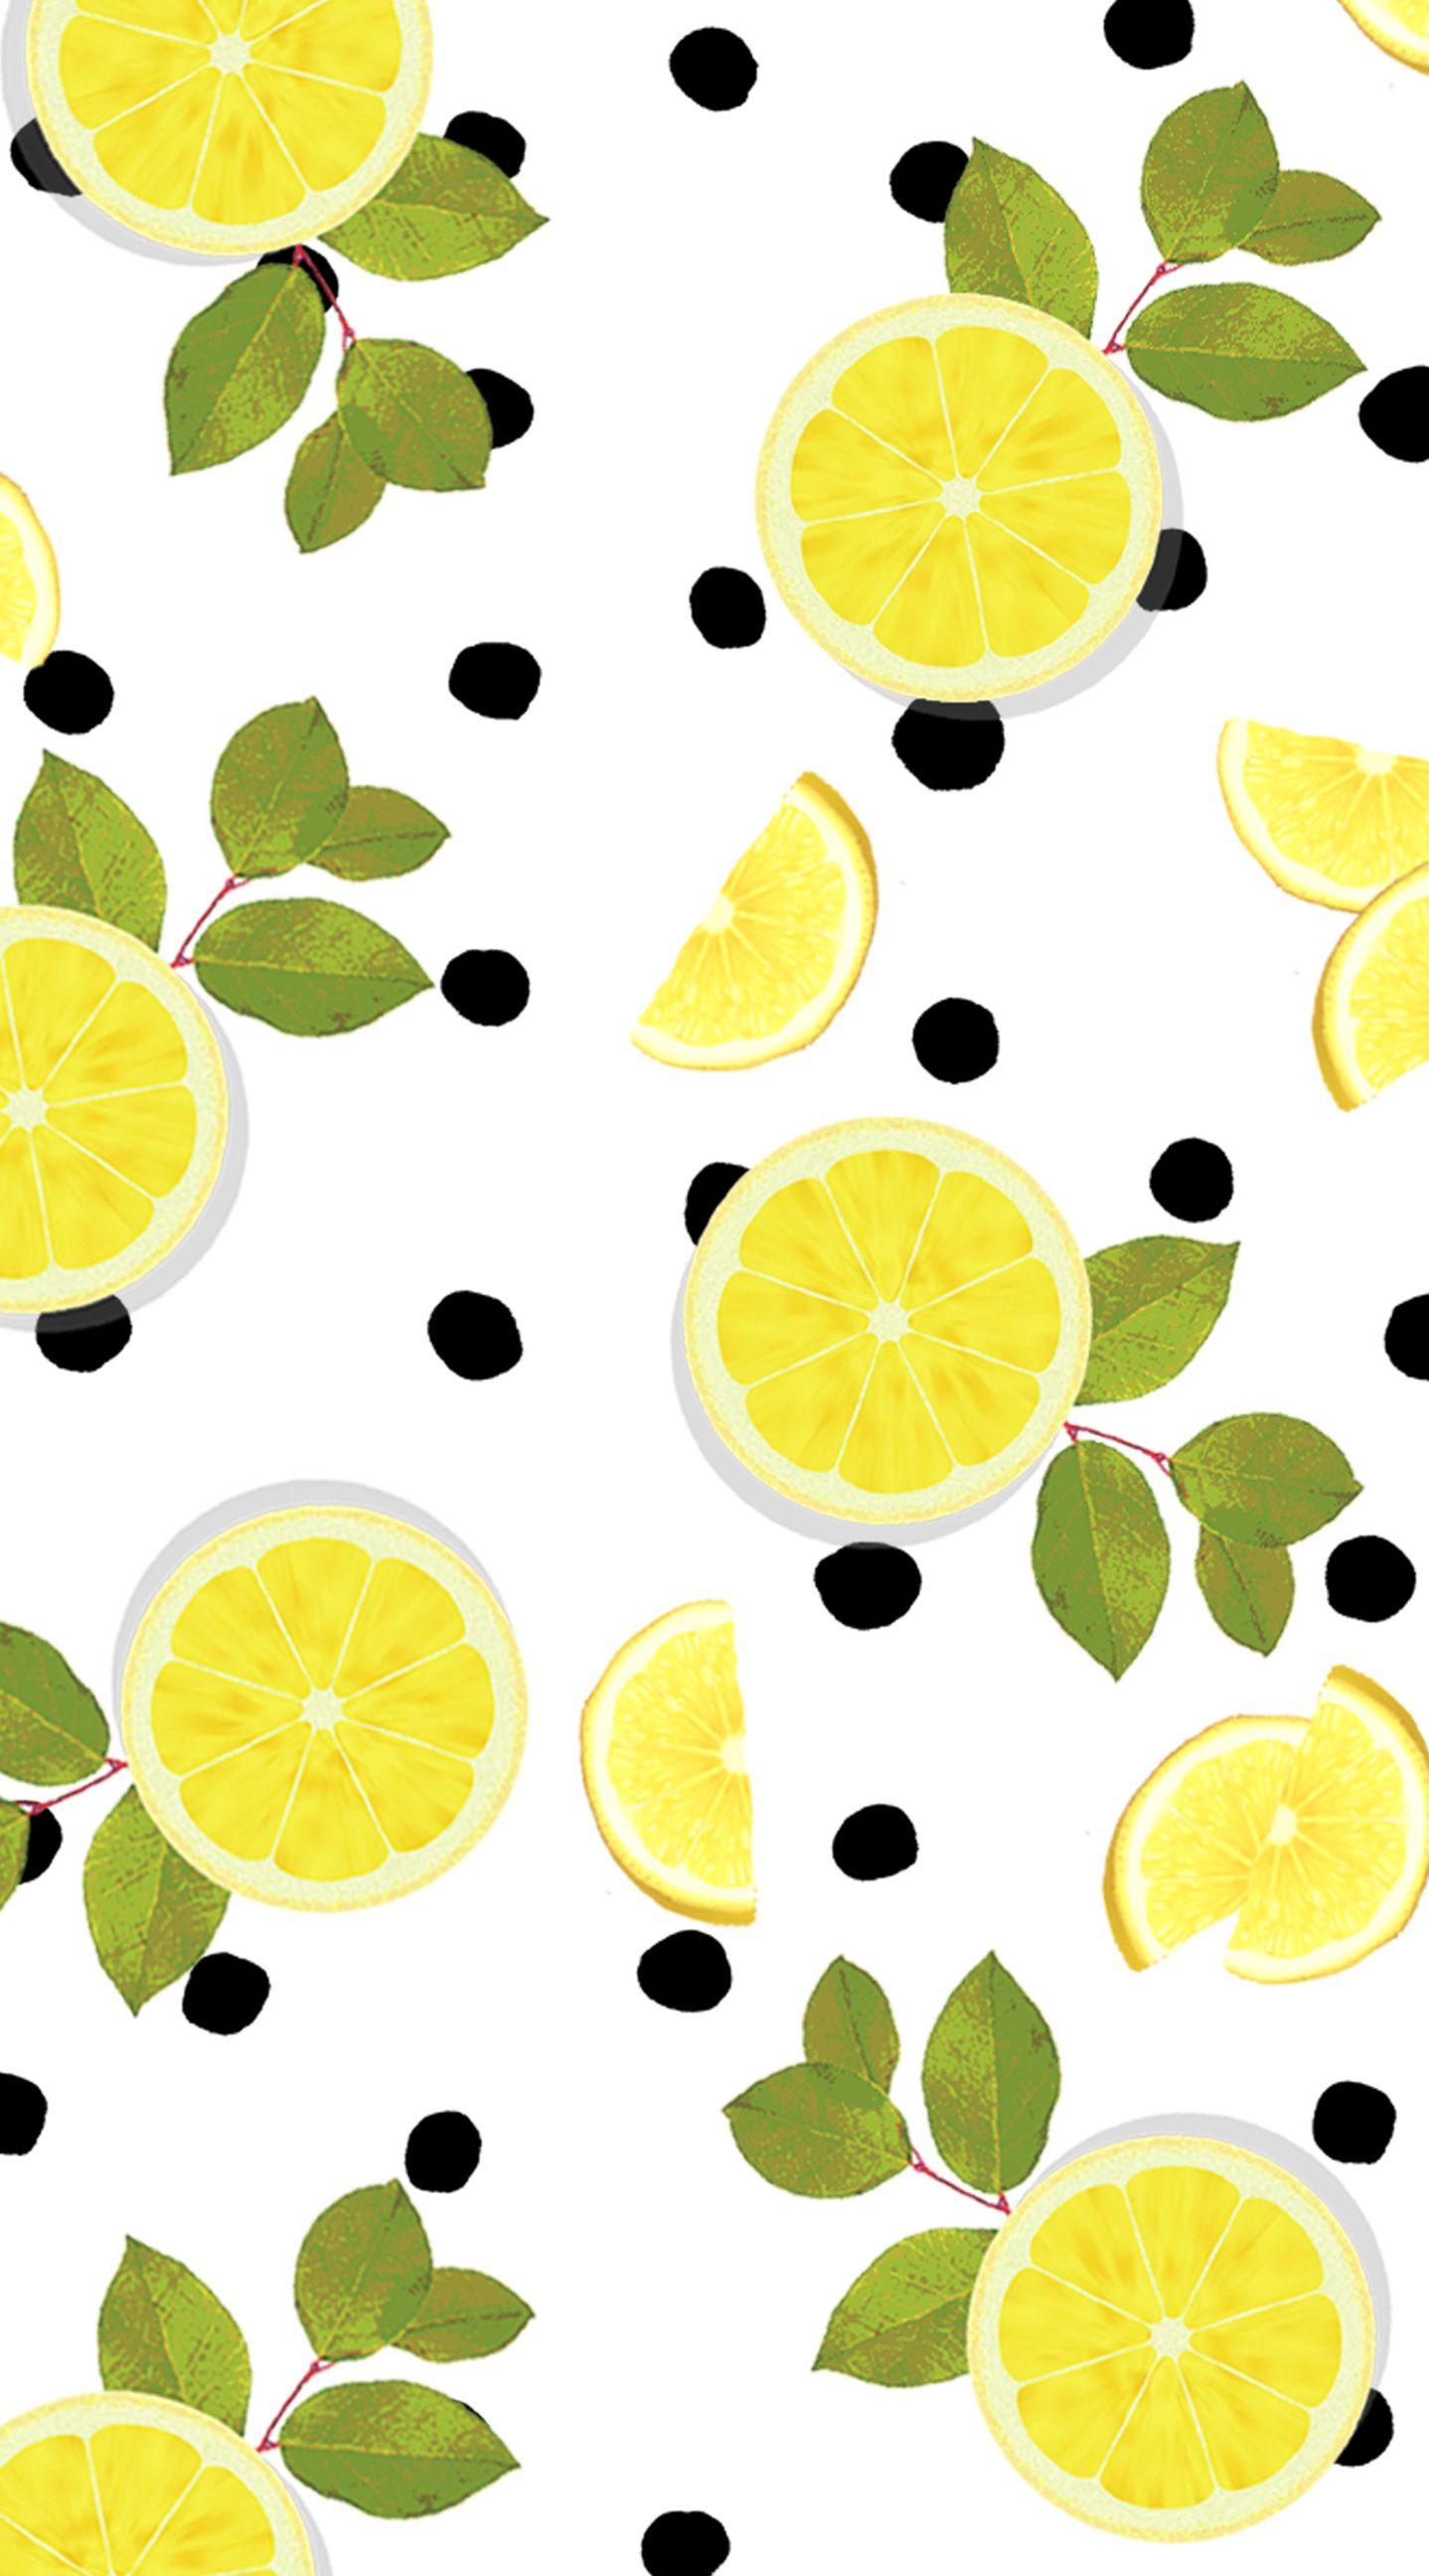 可愛い画像 おしゃれまとめの人気アイデア Pinterest Yuki Hasegawa レモン イラスト 花 イラスト おしゃれな壁紙背景